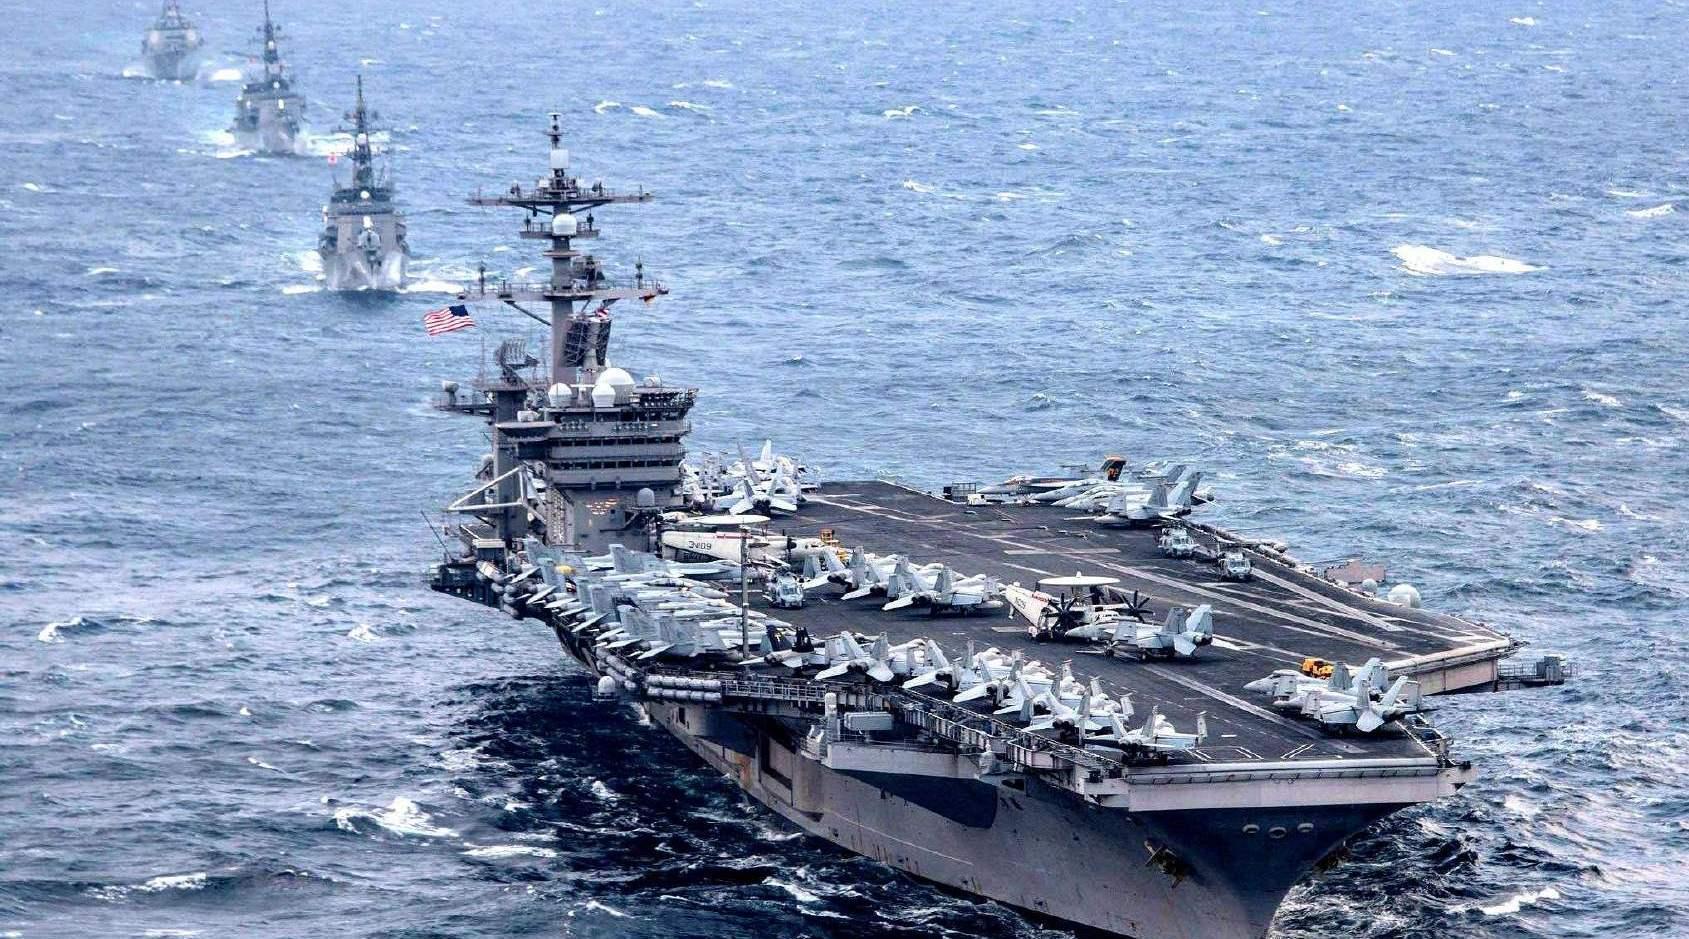 中东又来一艘航母!美海军战力翻一倍不止,伊朗背后大国回应